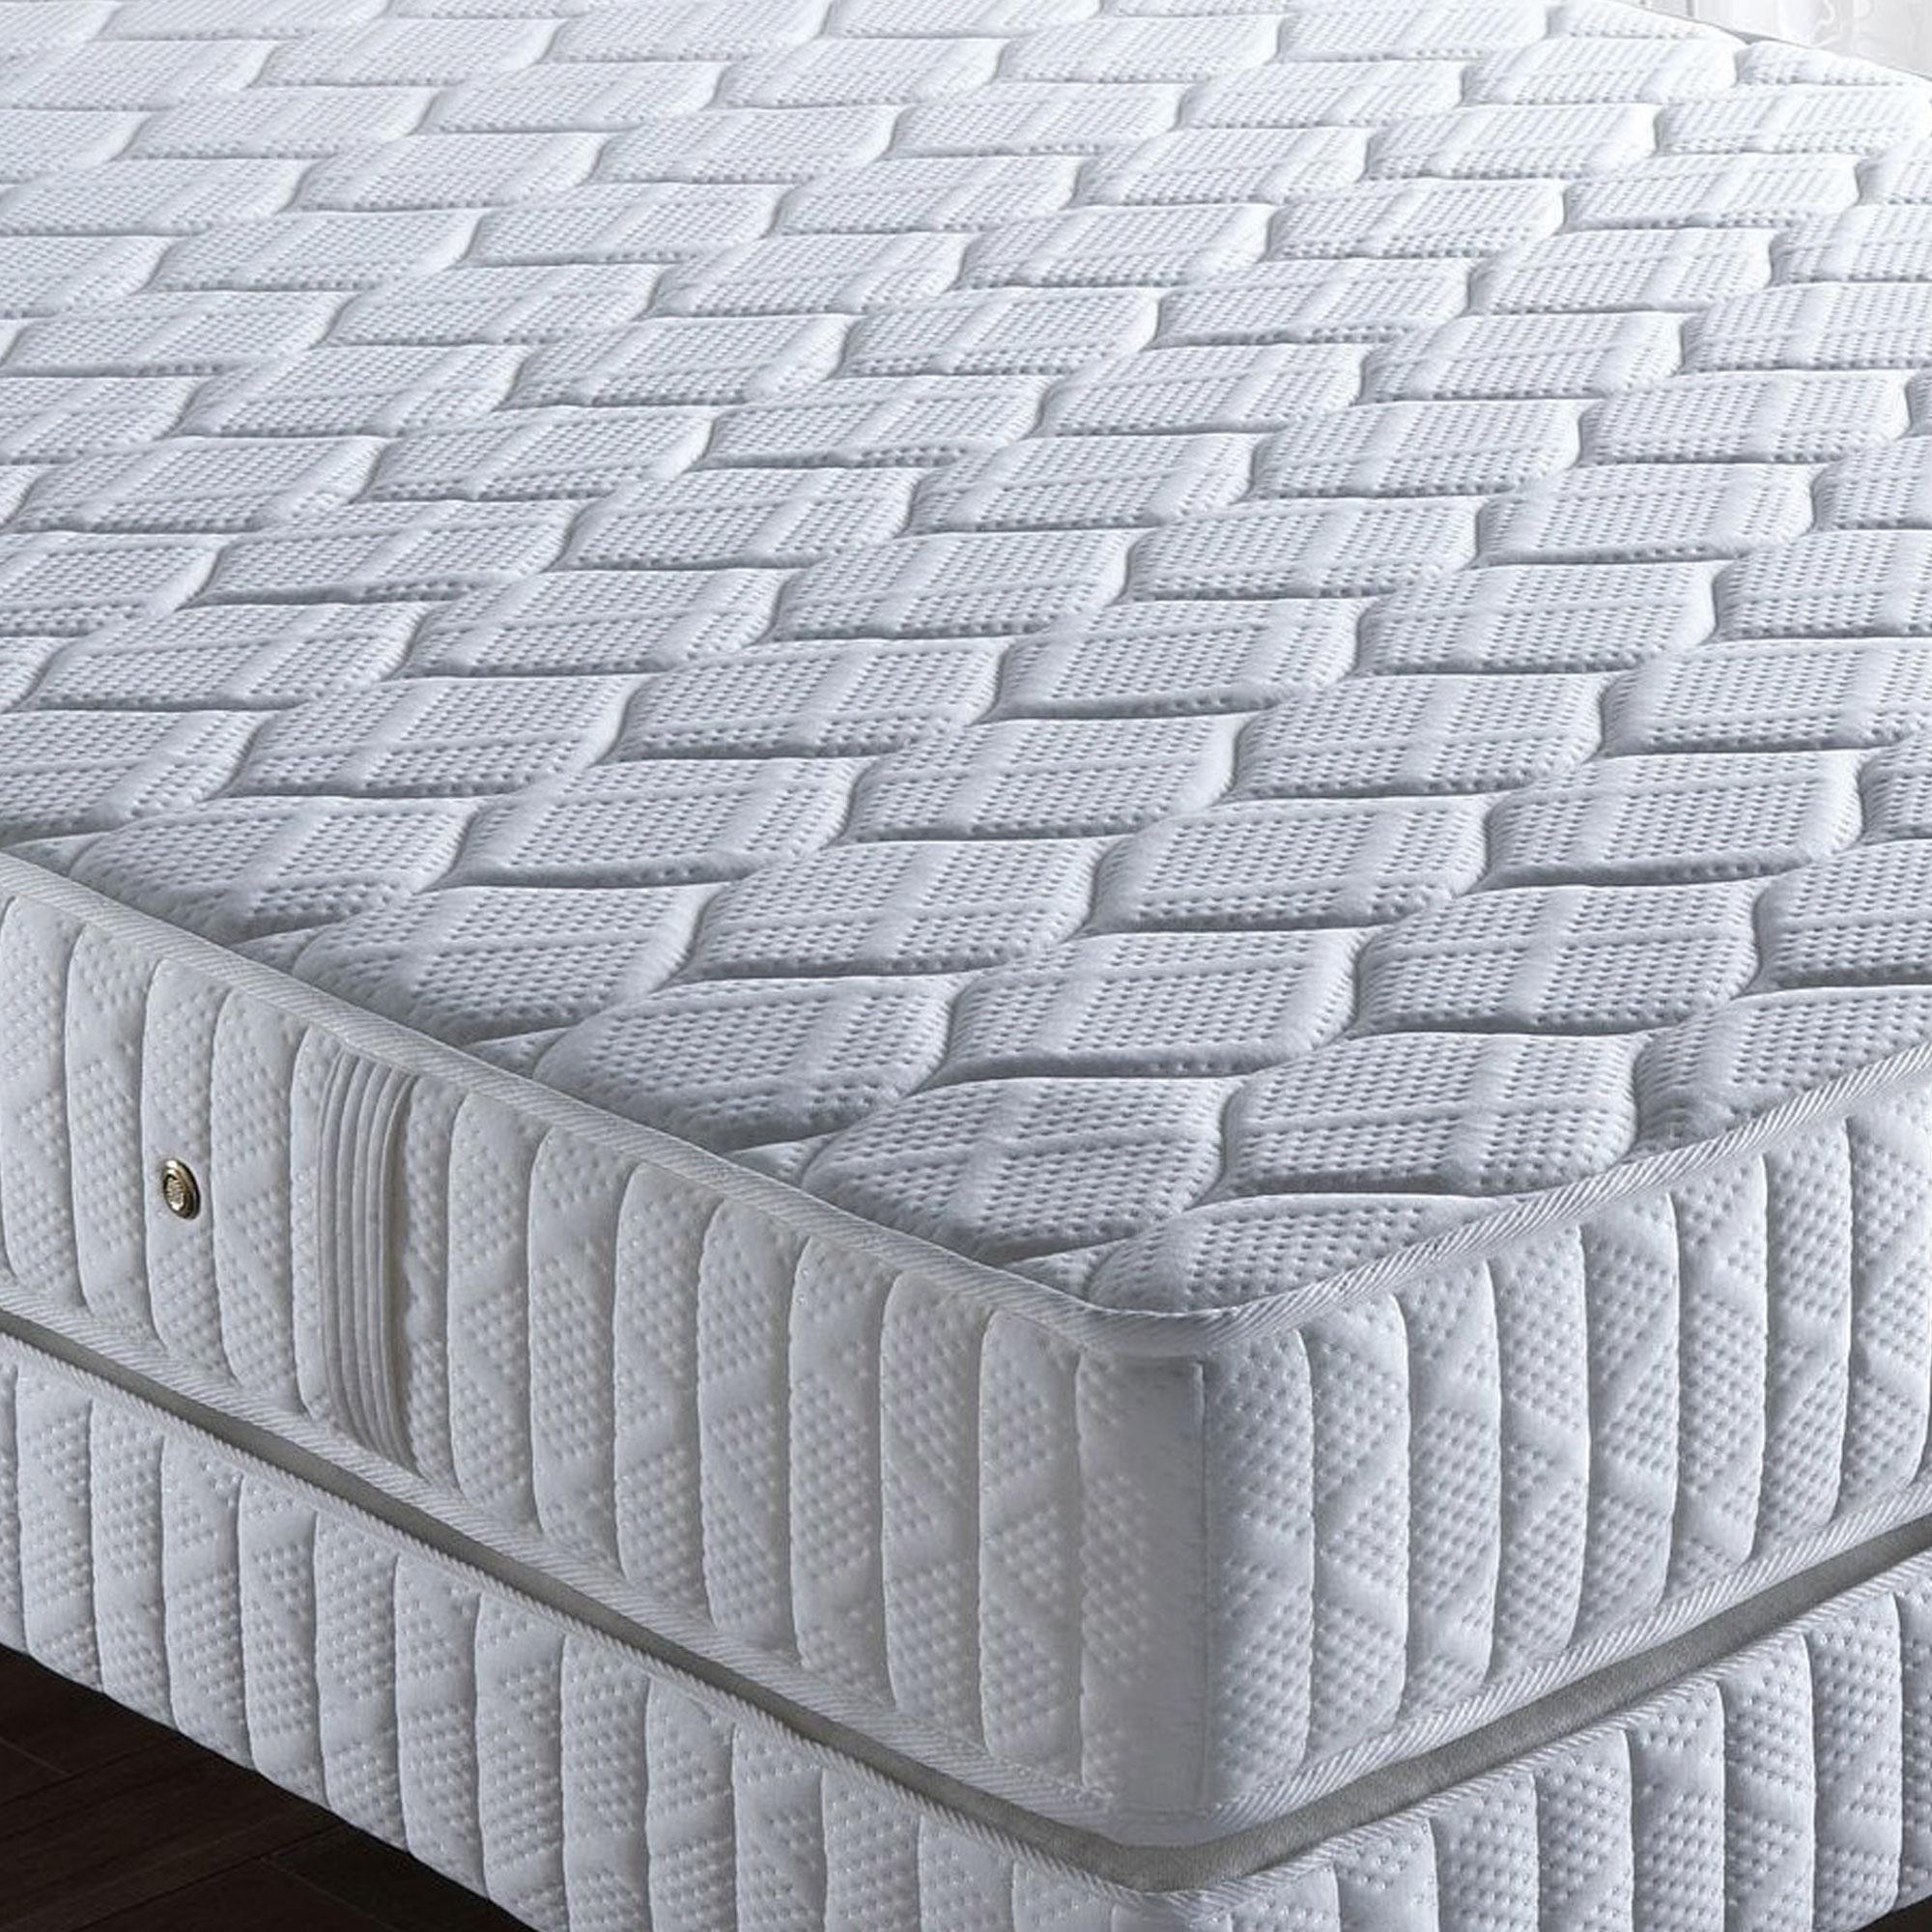 matelas ressorts ensach s accueil confort soutien ferme simmons lys 160 x 200 anniversaire. Black Bedroom Furniture Sets. Home Design Ideas